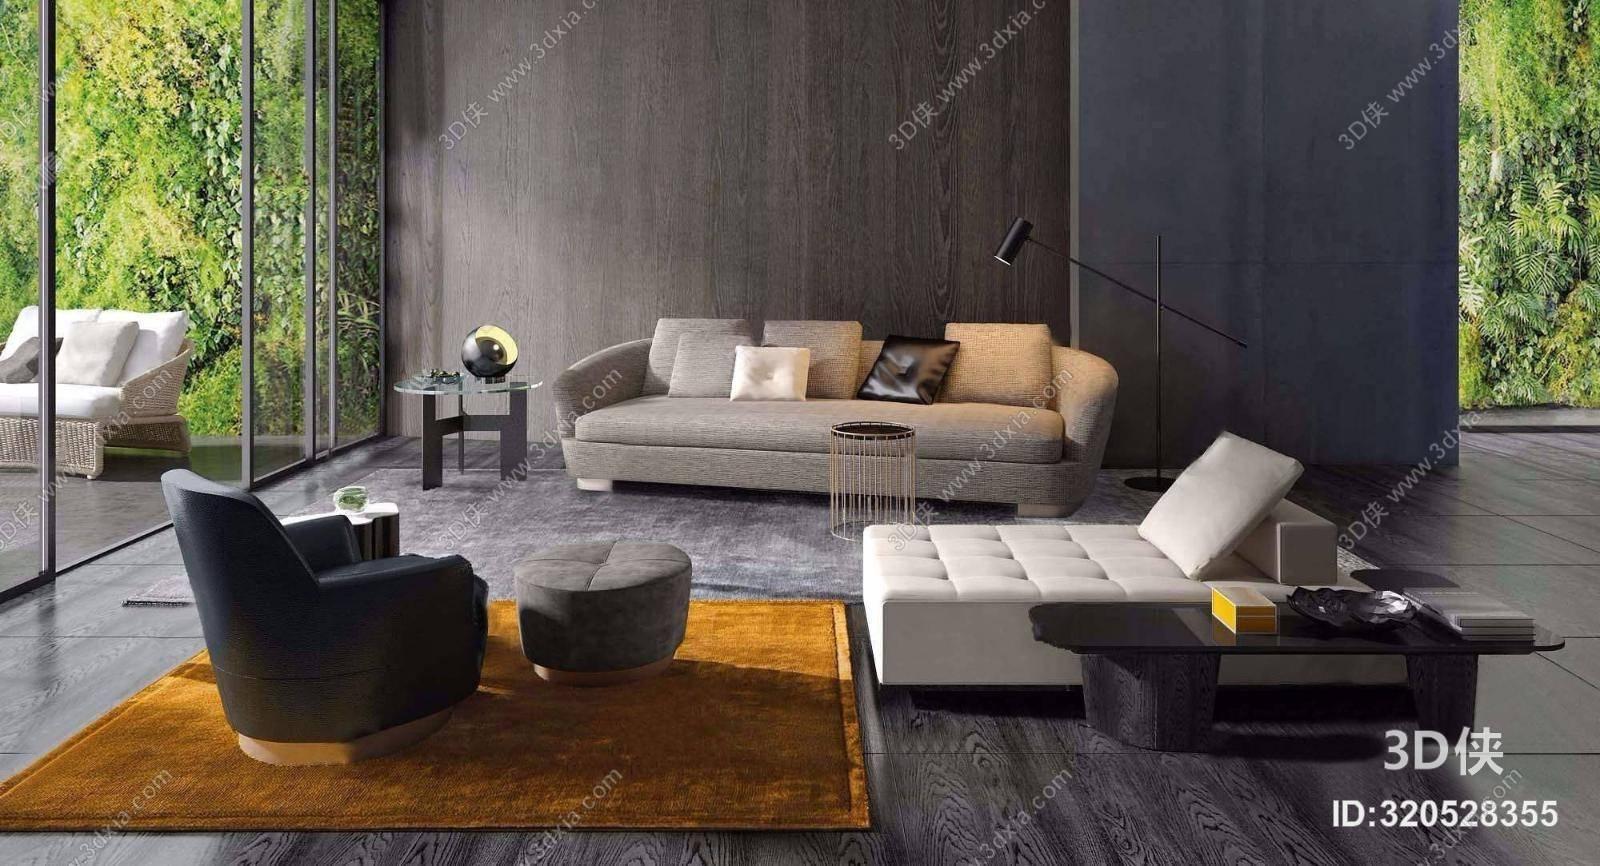 意大利MINOTTI品牌 现代沙发茶几组合3D模型